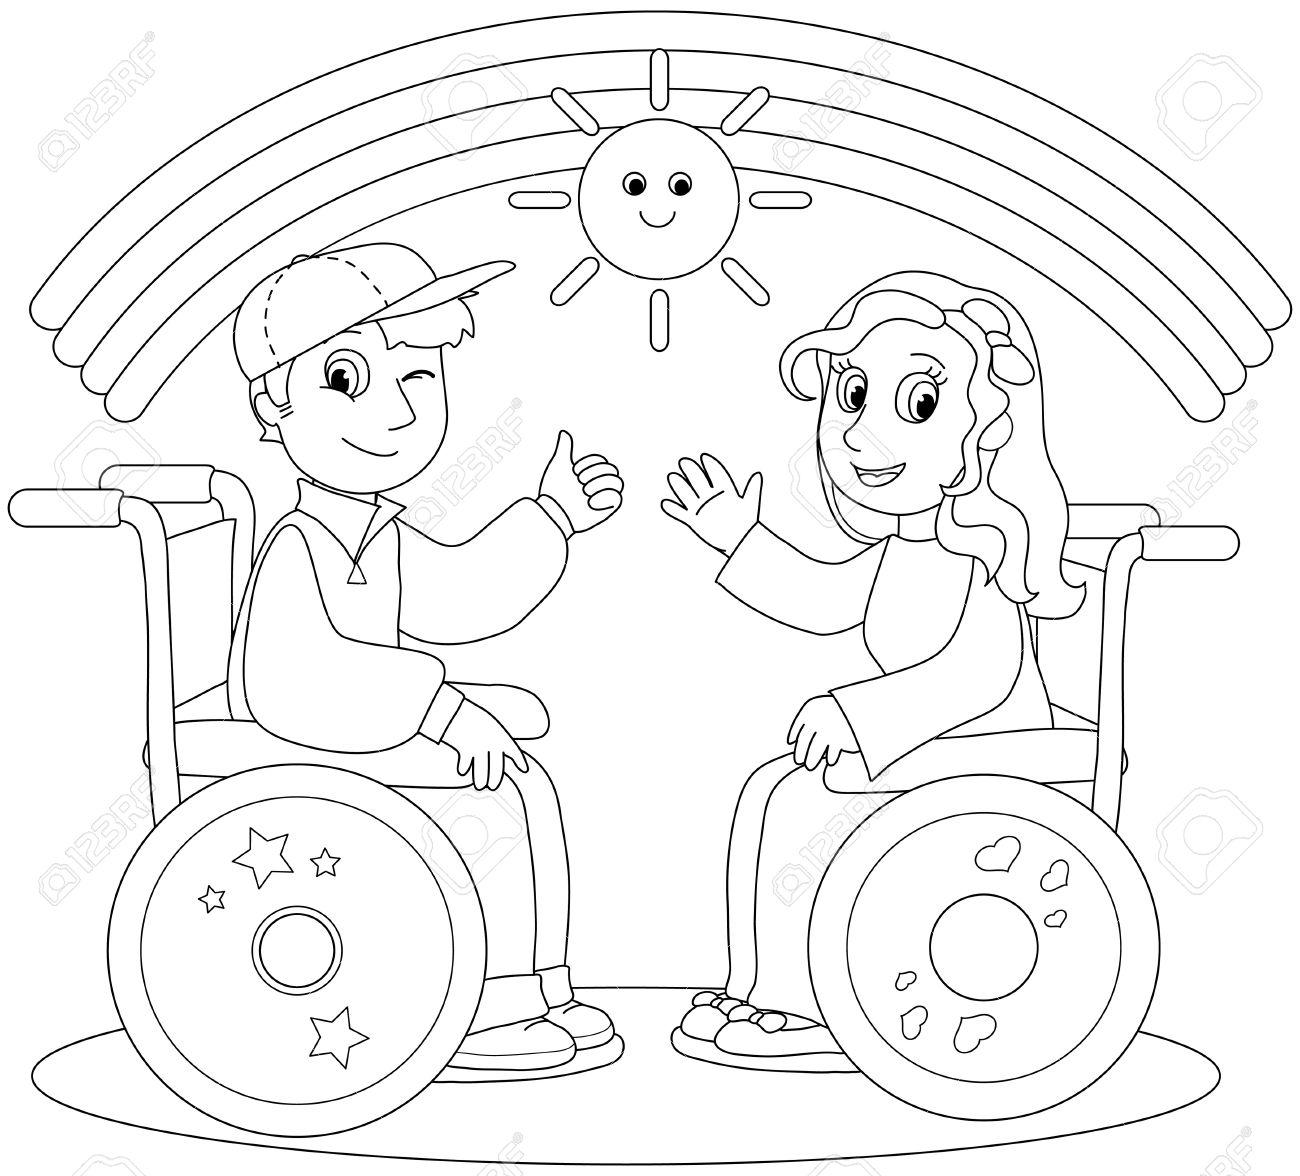 Ilustración Para Colorear De Niño Sonriente Y Una Niña En Silla De